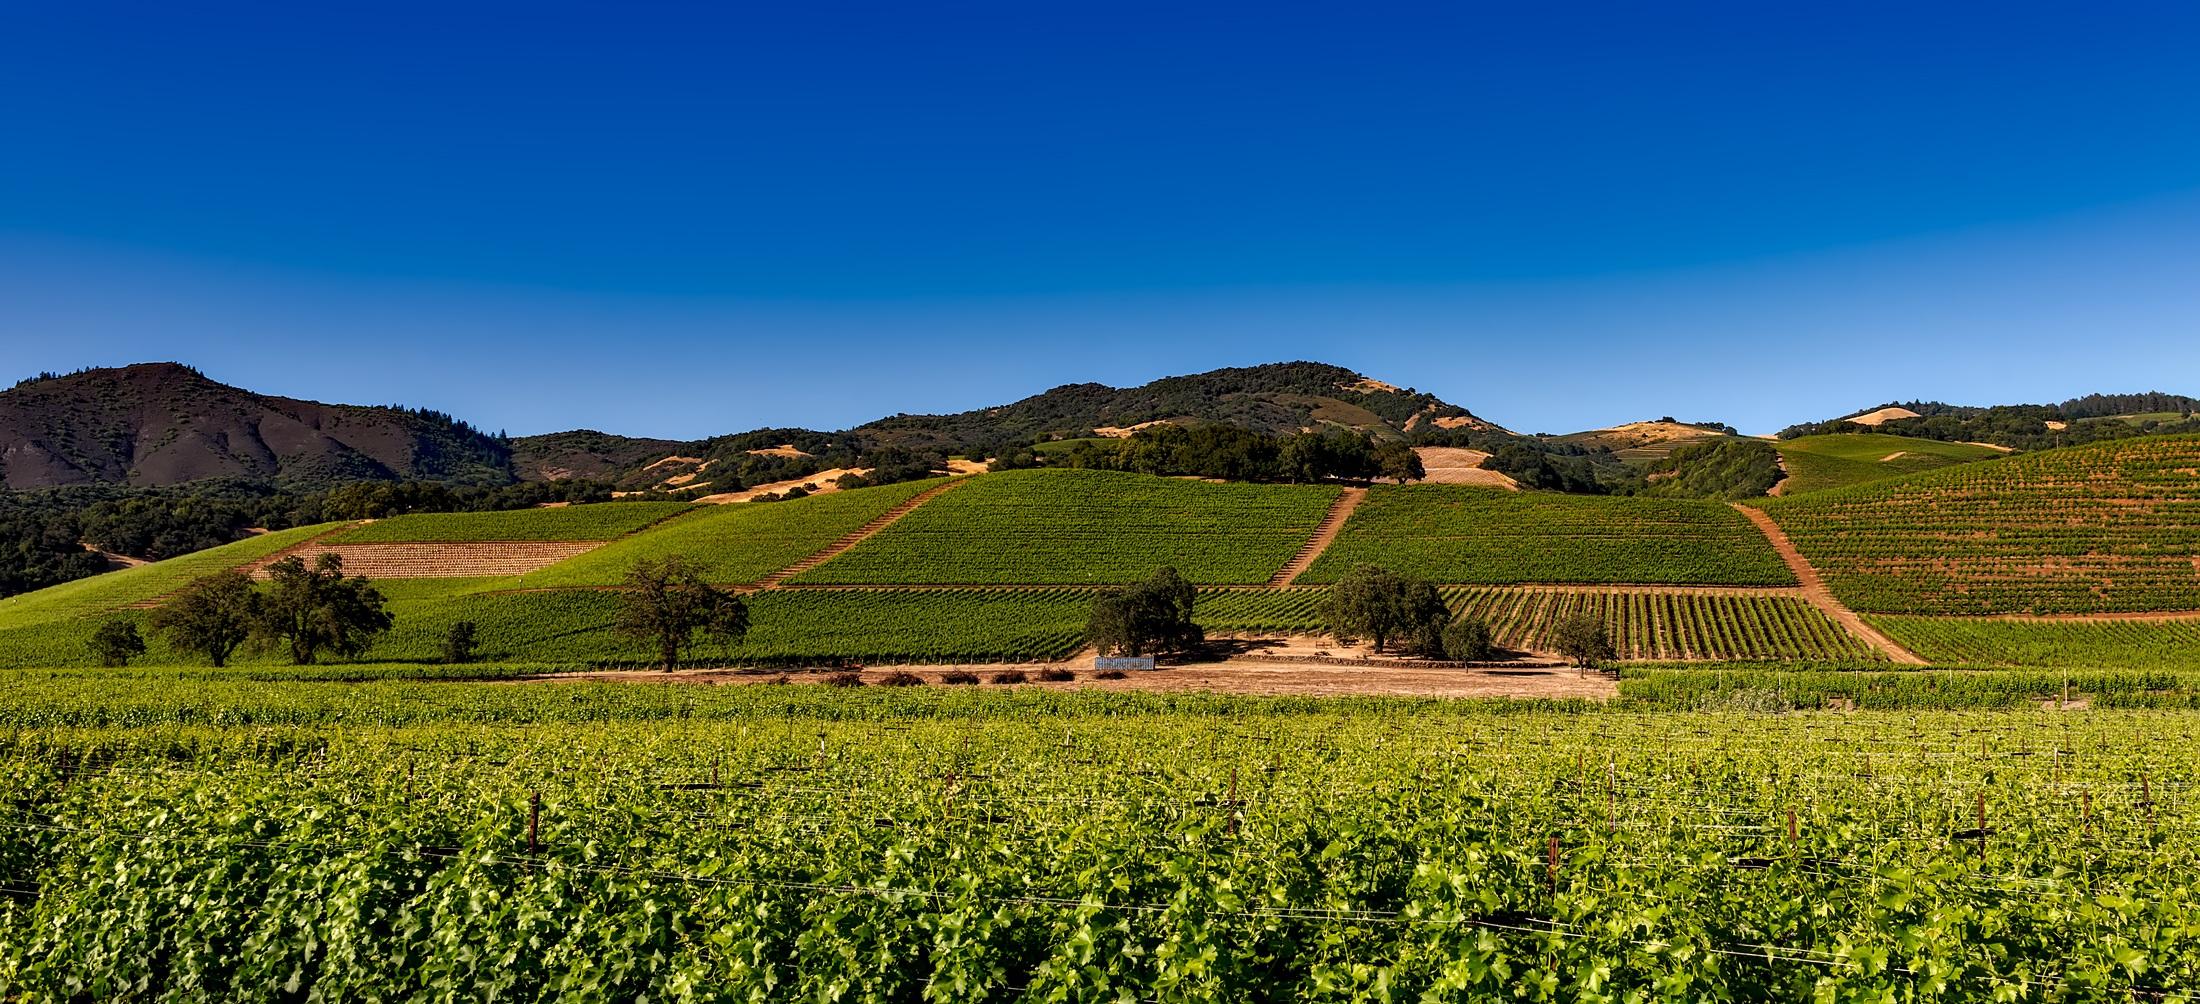 Champ De Vigne images gratuites : paysage, la nature, ciel, vigne, vignoble, du vin